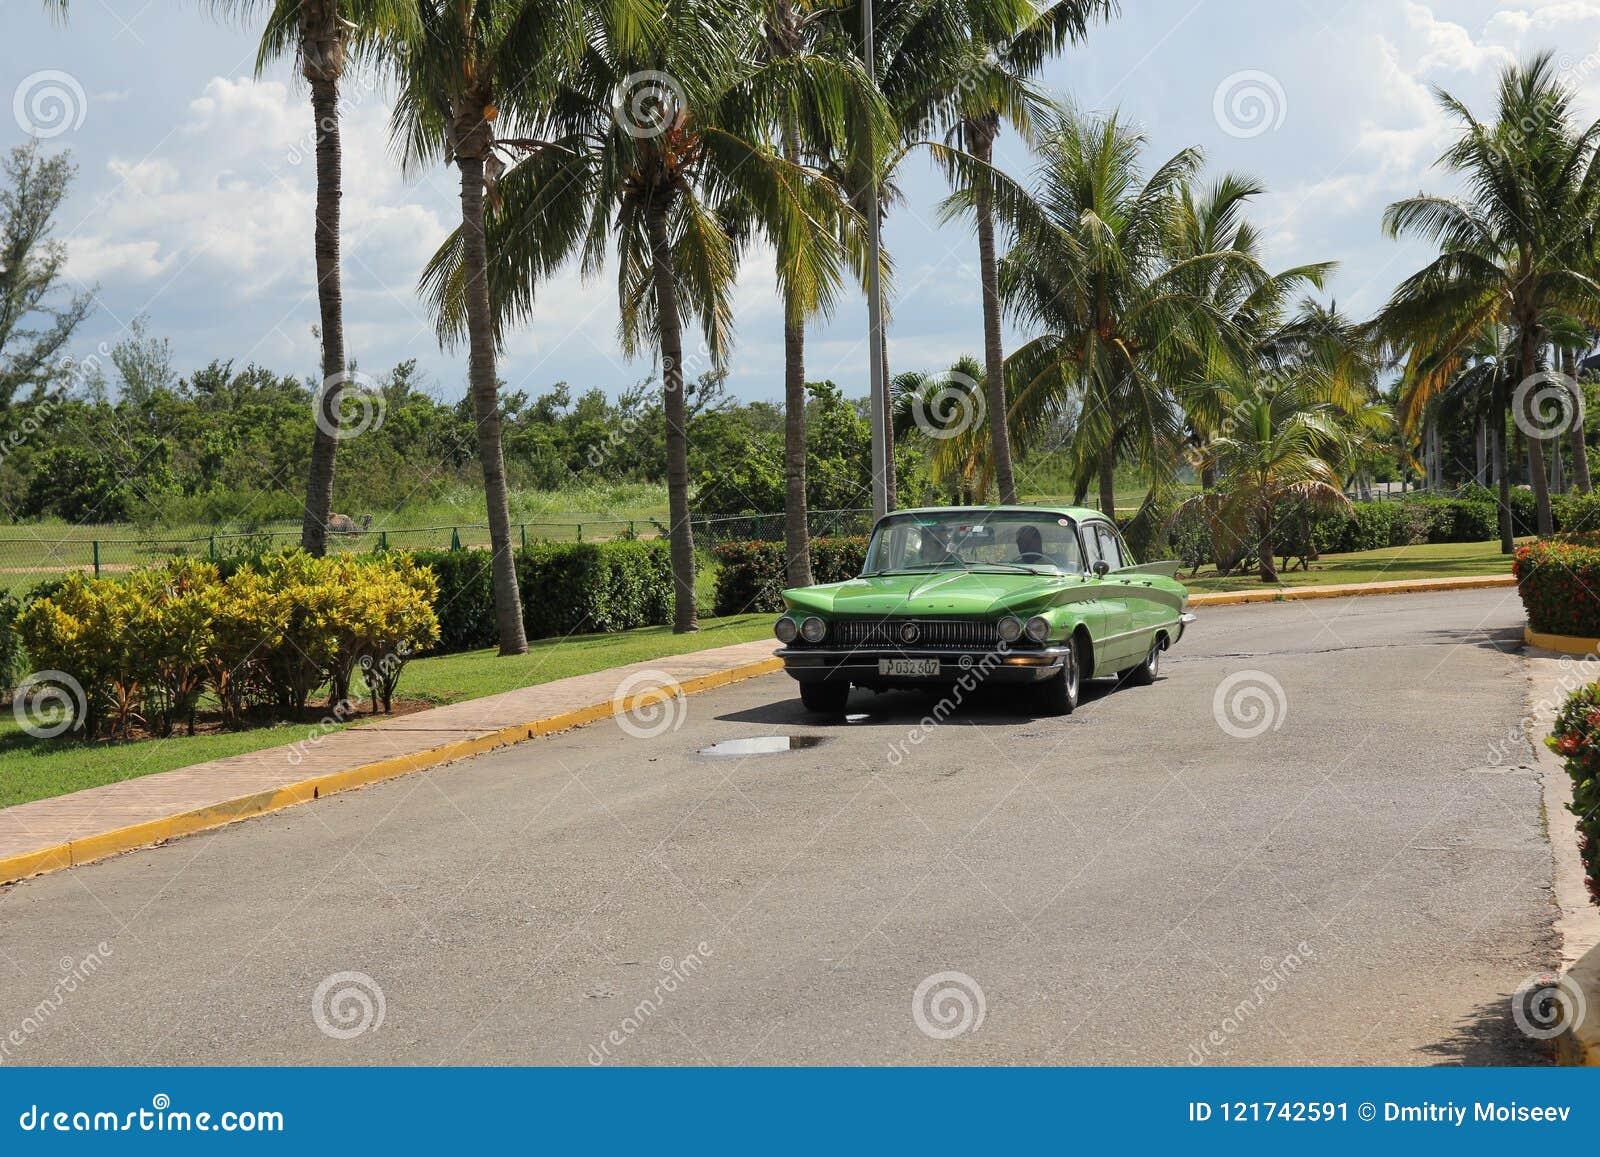 O carro americano do vintage verde monta ao longo de uma fileira de palmeiras altas